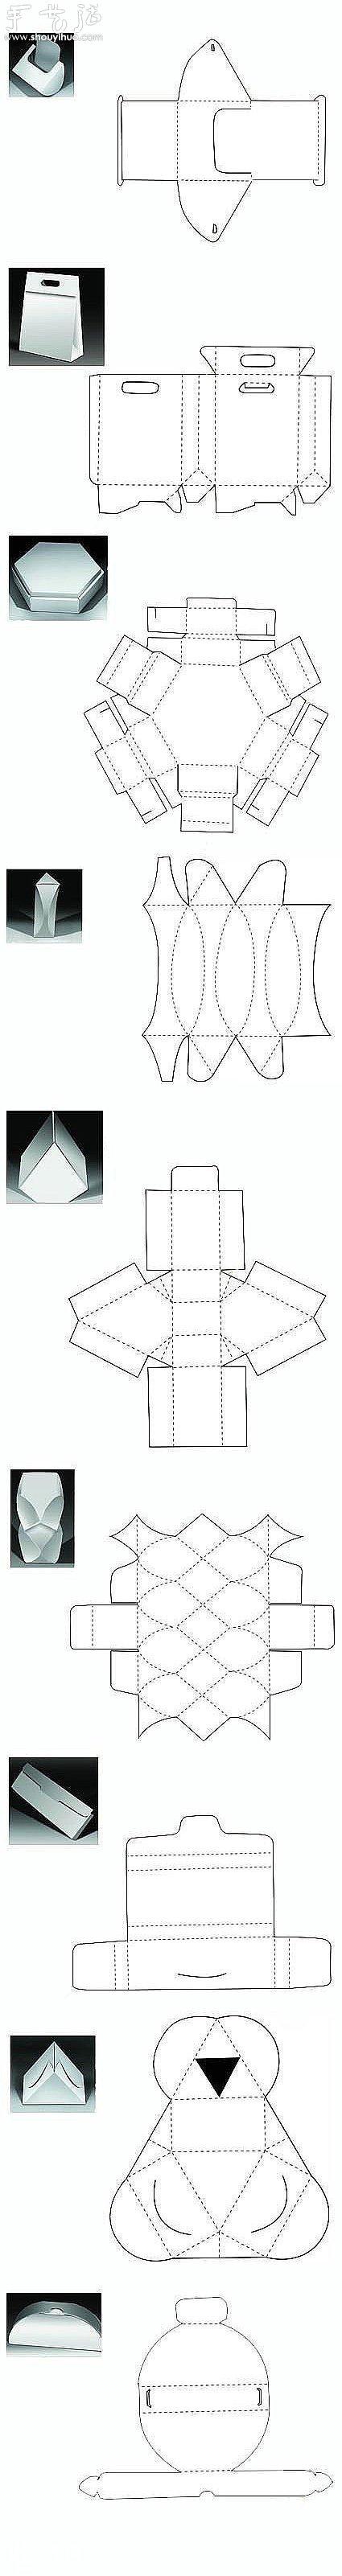 紙質包裝盒的折法線框圖